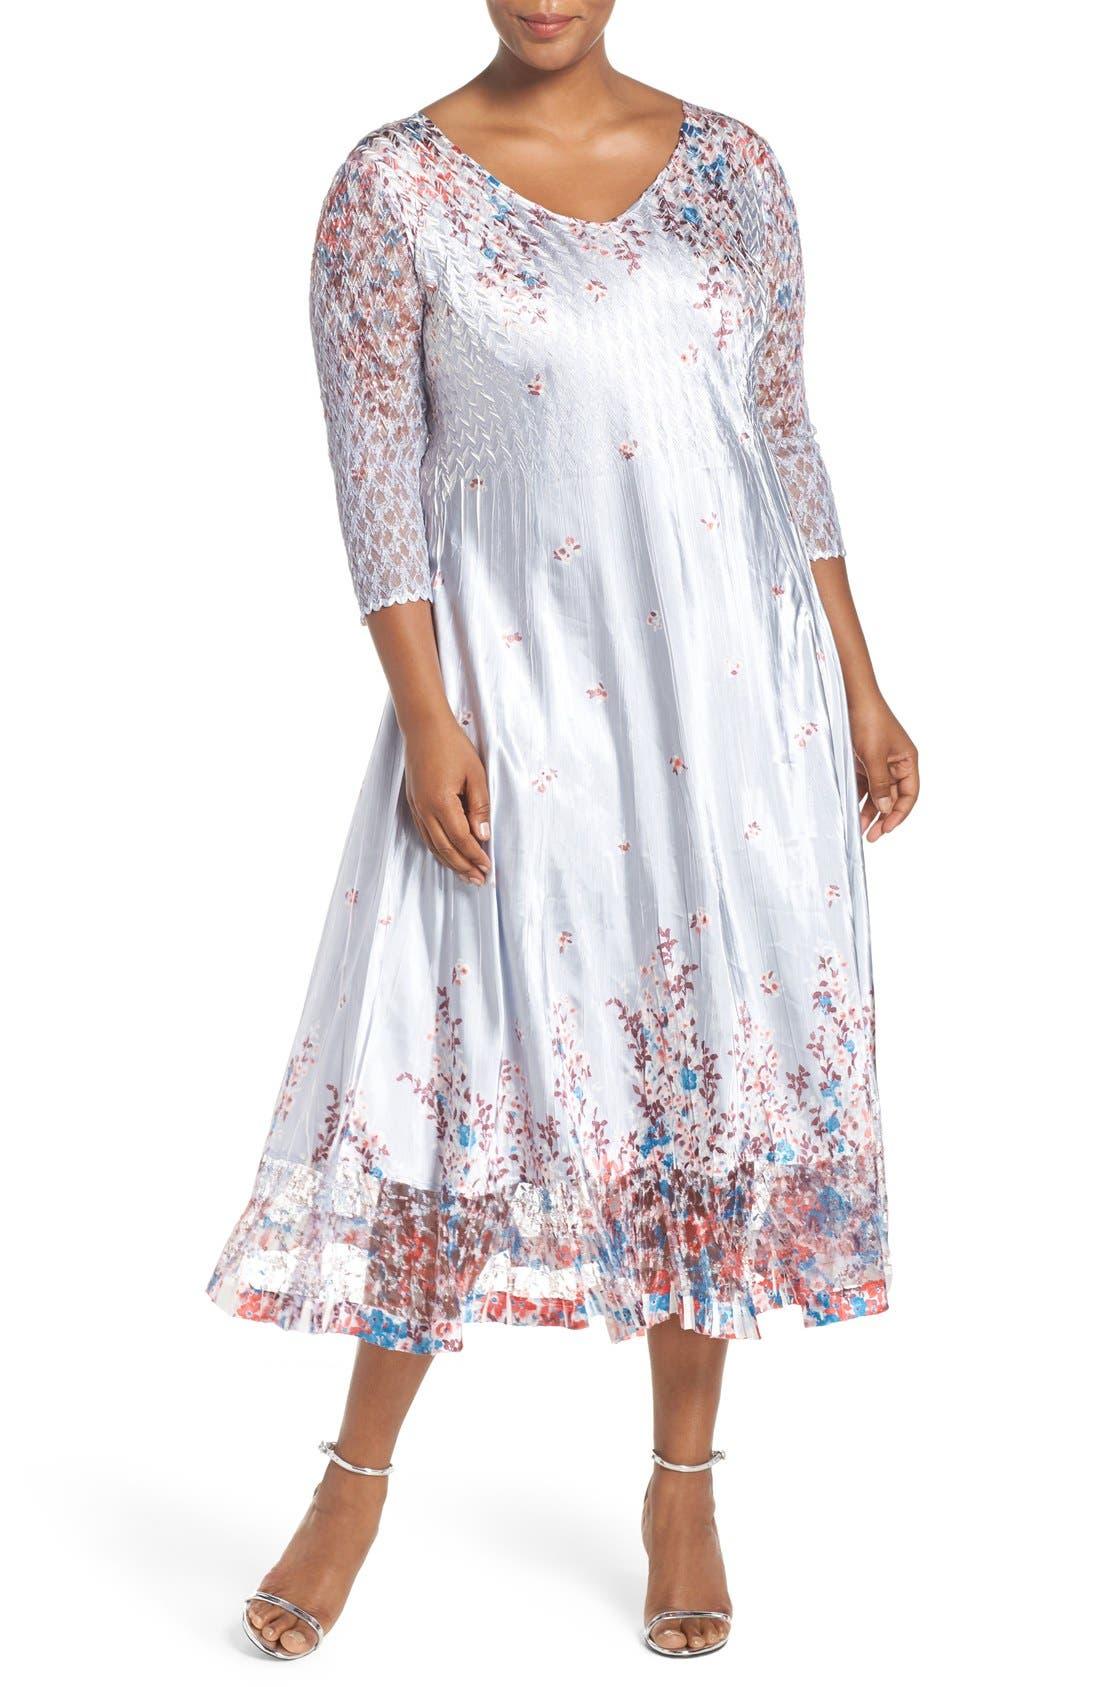 Main Image - Komarov Print Lace & Charmeuse V-Neck Dress (Plus Size)